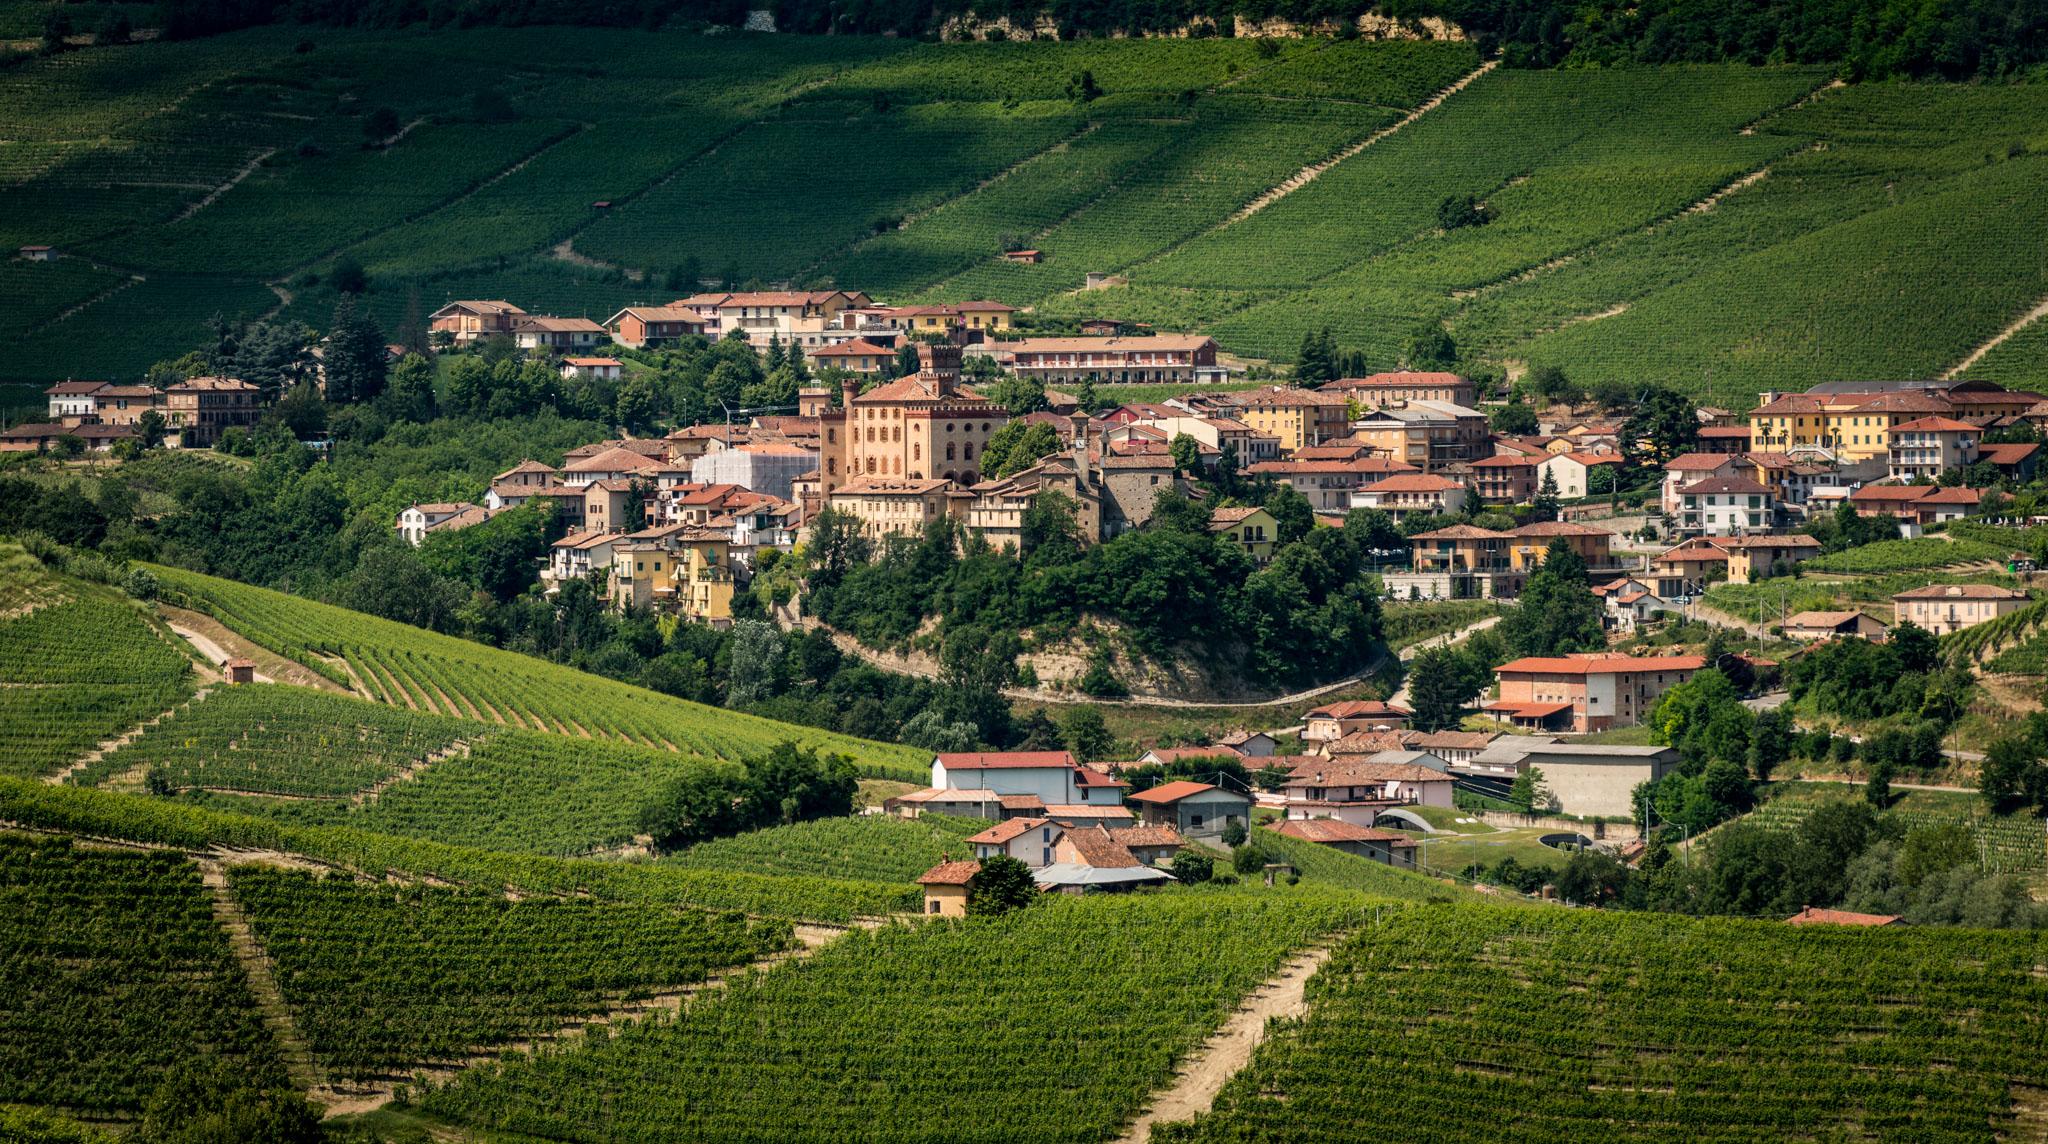 Italy : Piedmont : Village of Barolo